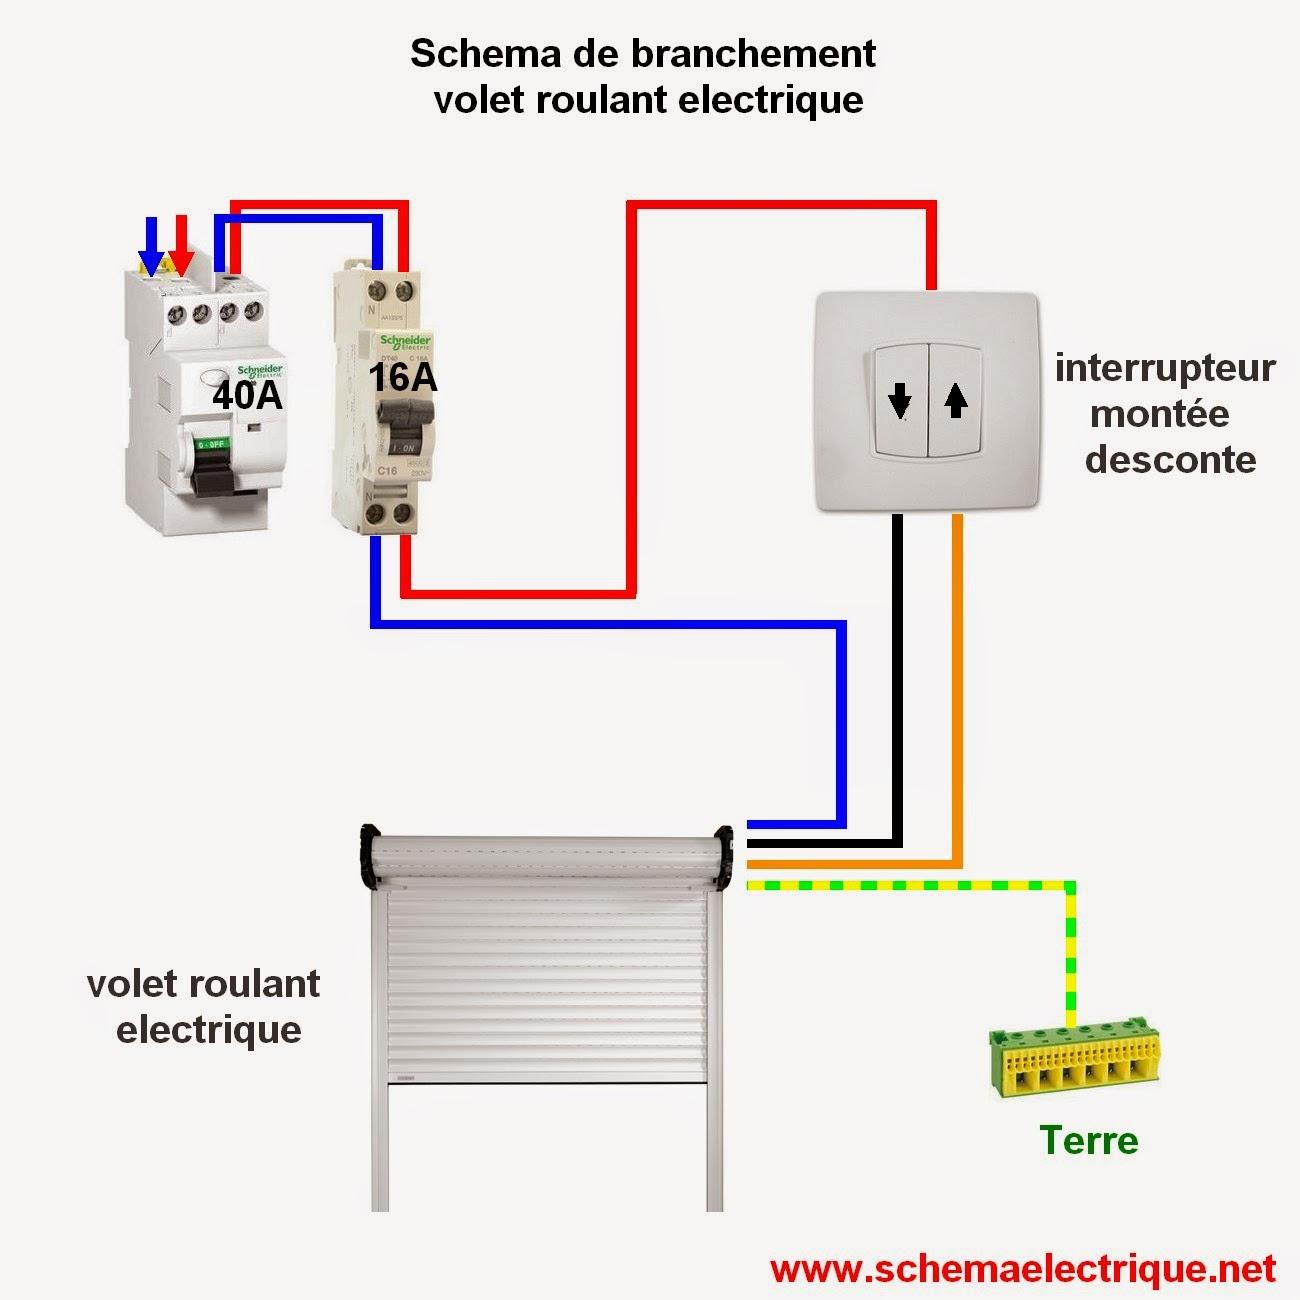 Schema electrique branchement cablage - Comment installer des volets roulants electriques ...